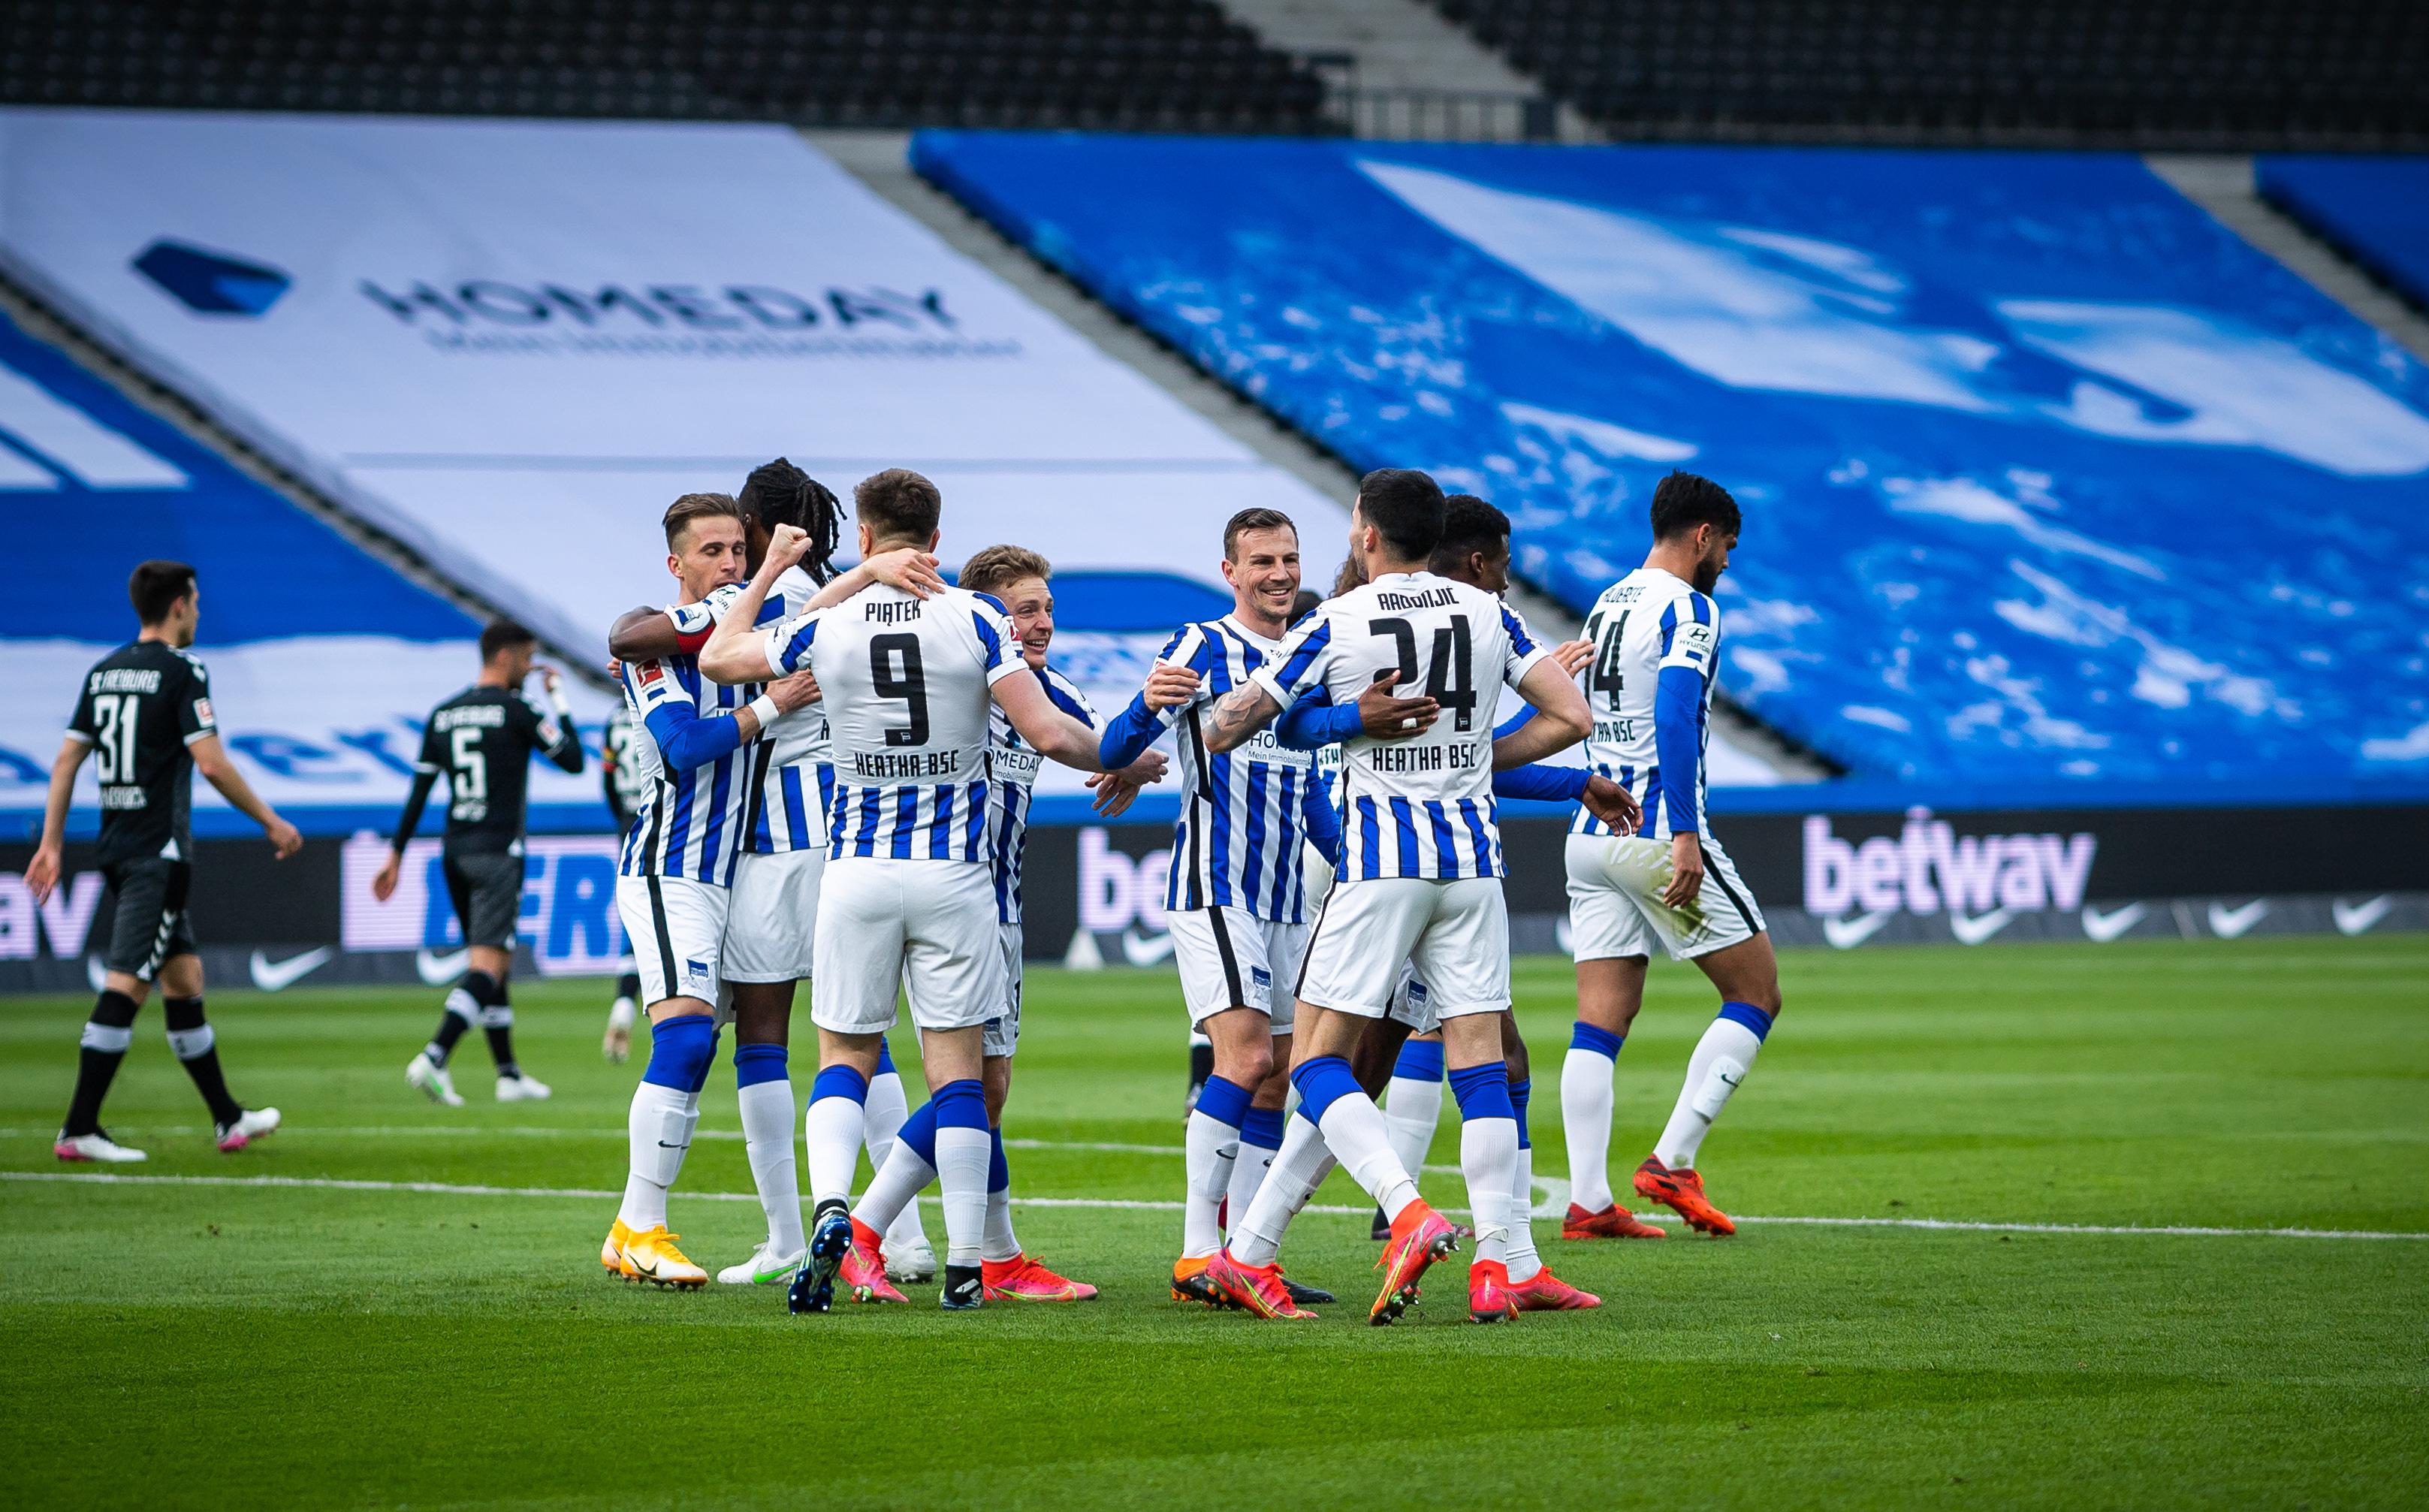 Unsere Mannschaft bejubelt einen Treffer gegen Freiburg.